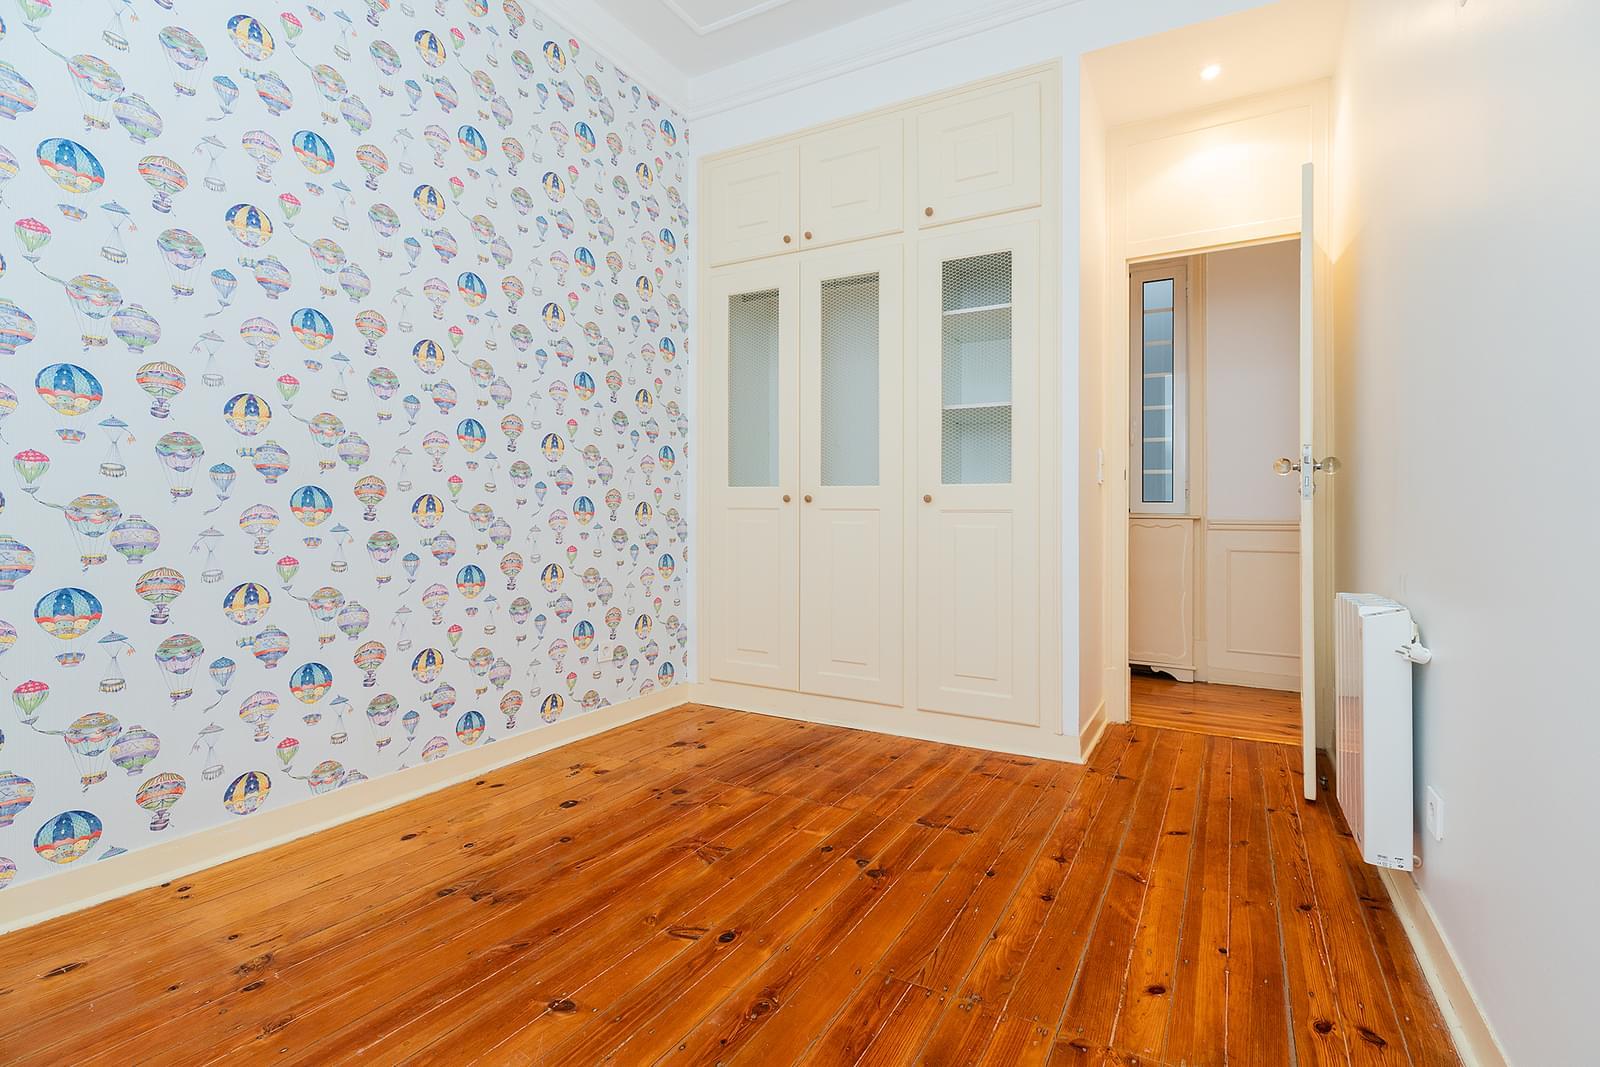 pf18723-apartamento-t3-1-lisboa-7d7b3072-0598-455f-8eb8-72c69a67cfb2